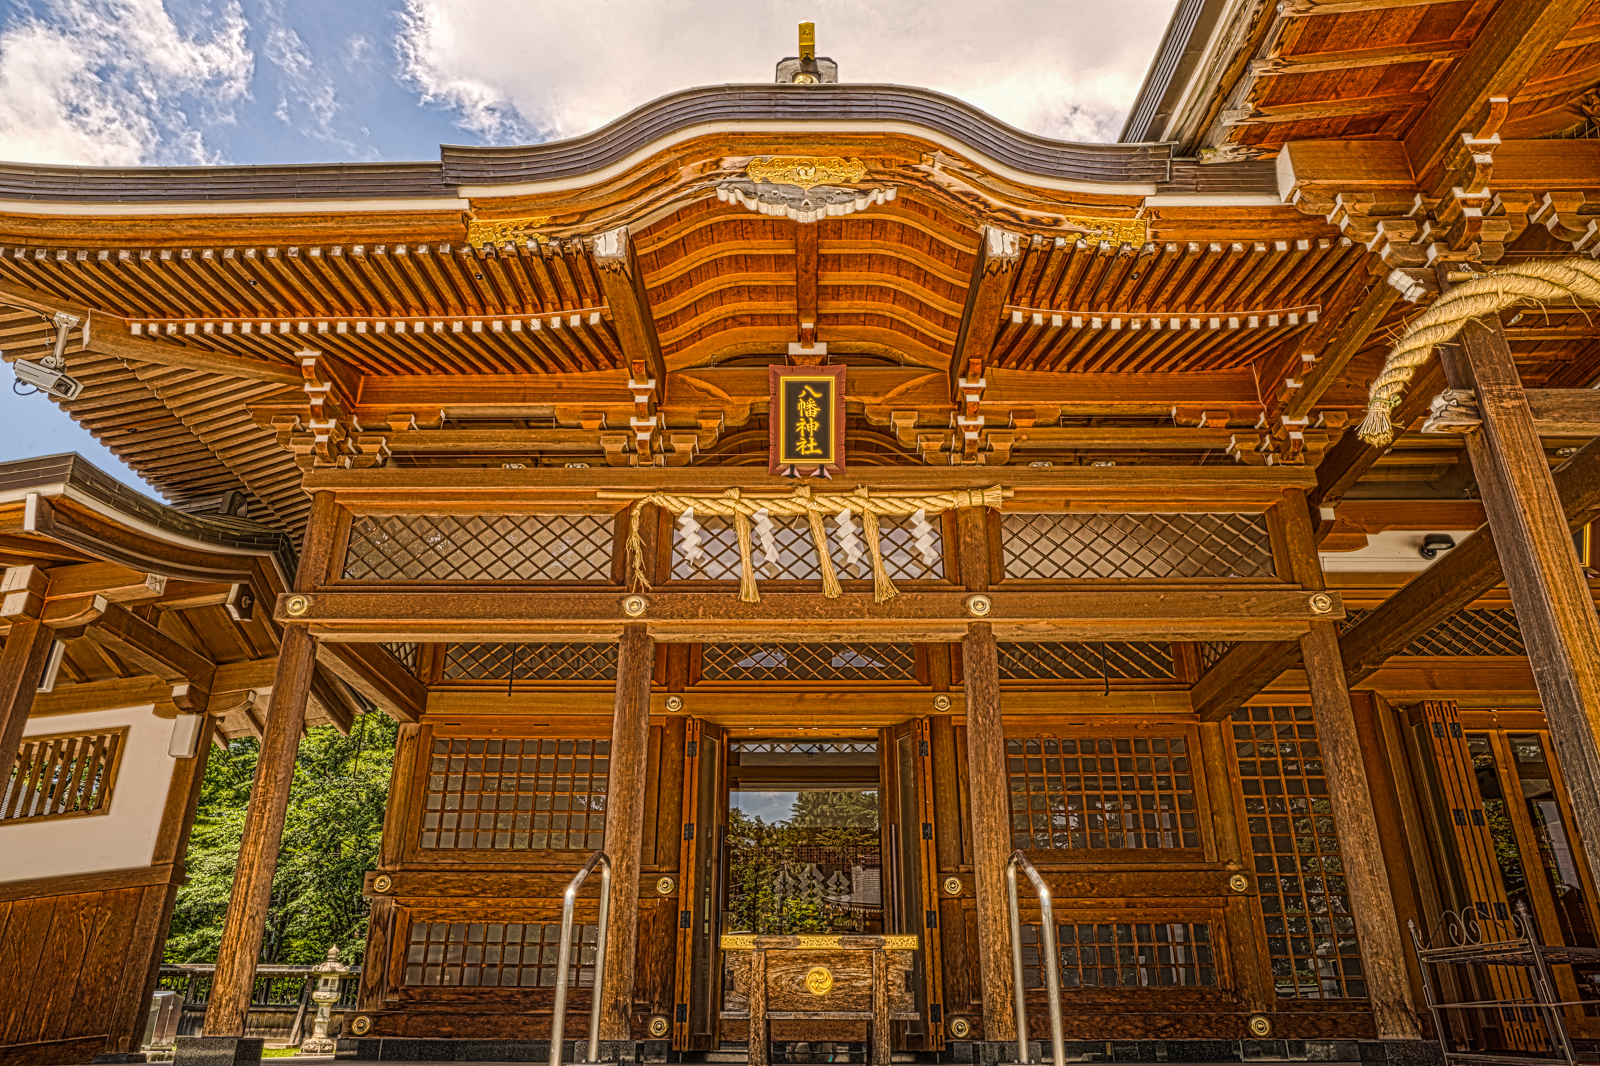 諏訪神社に併設される八幡神社の写真 HDR